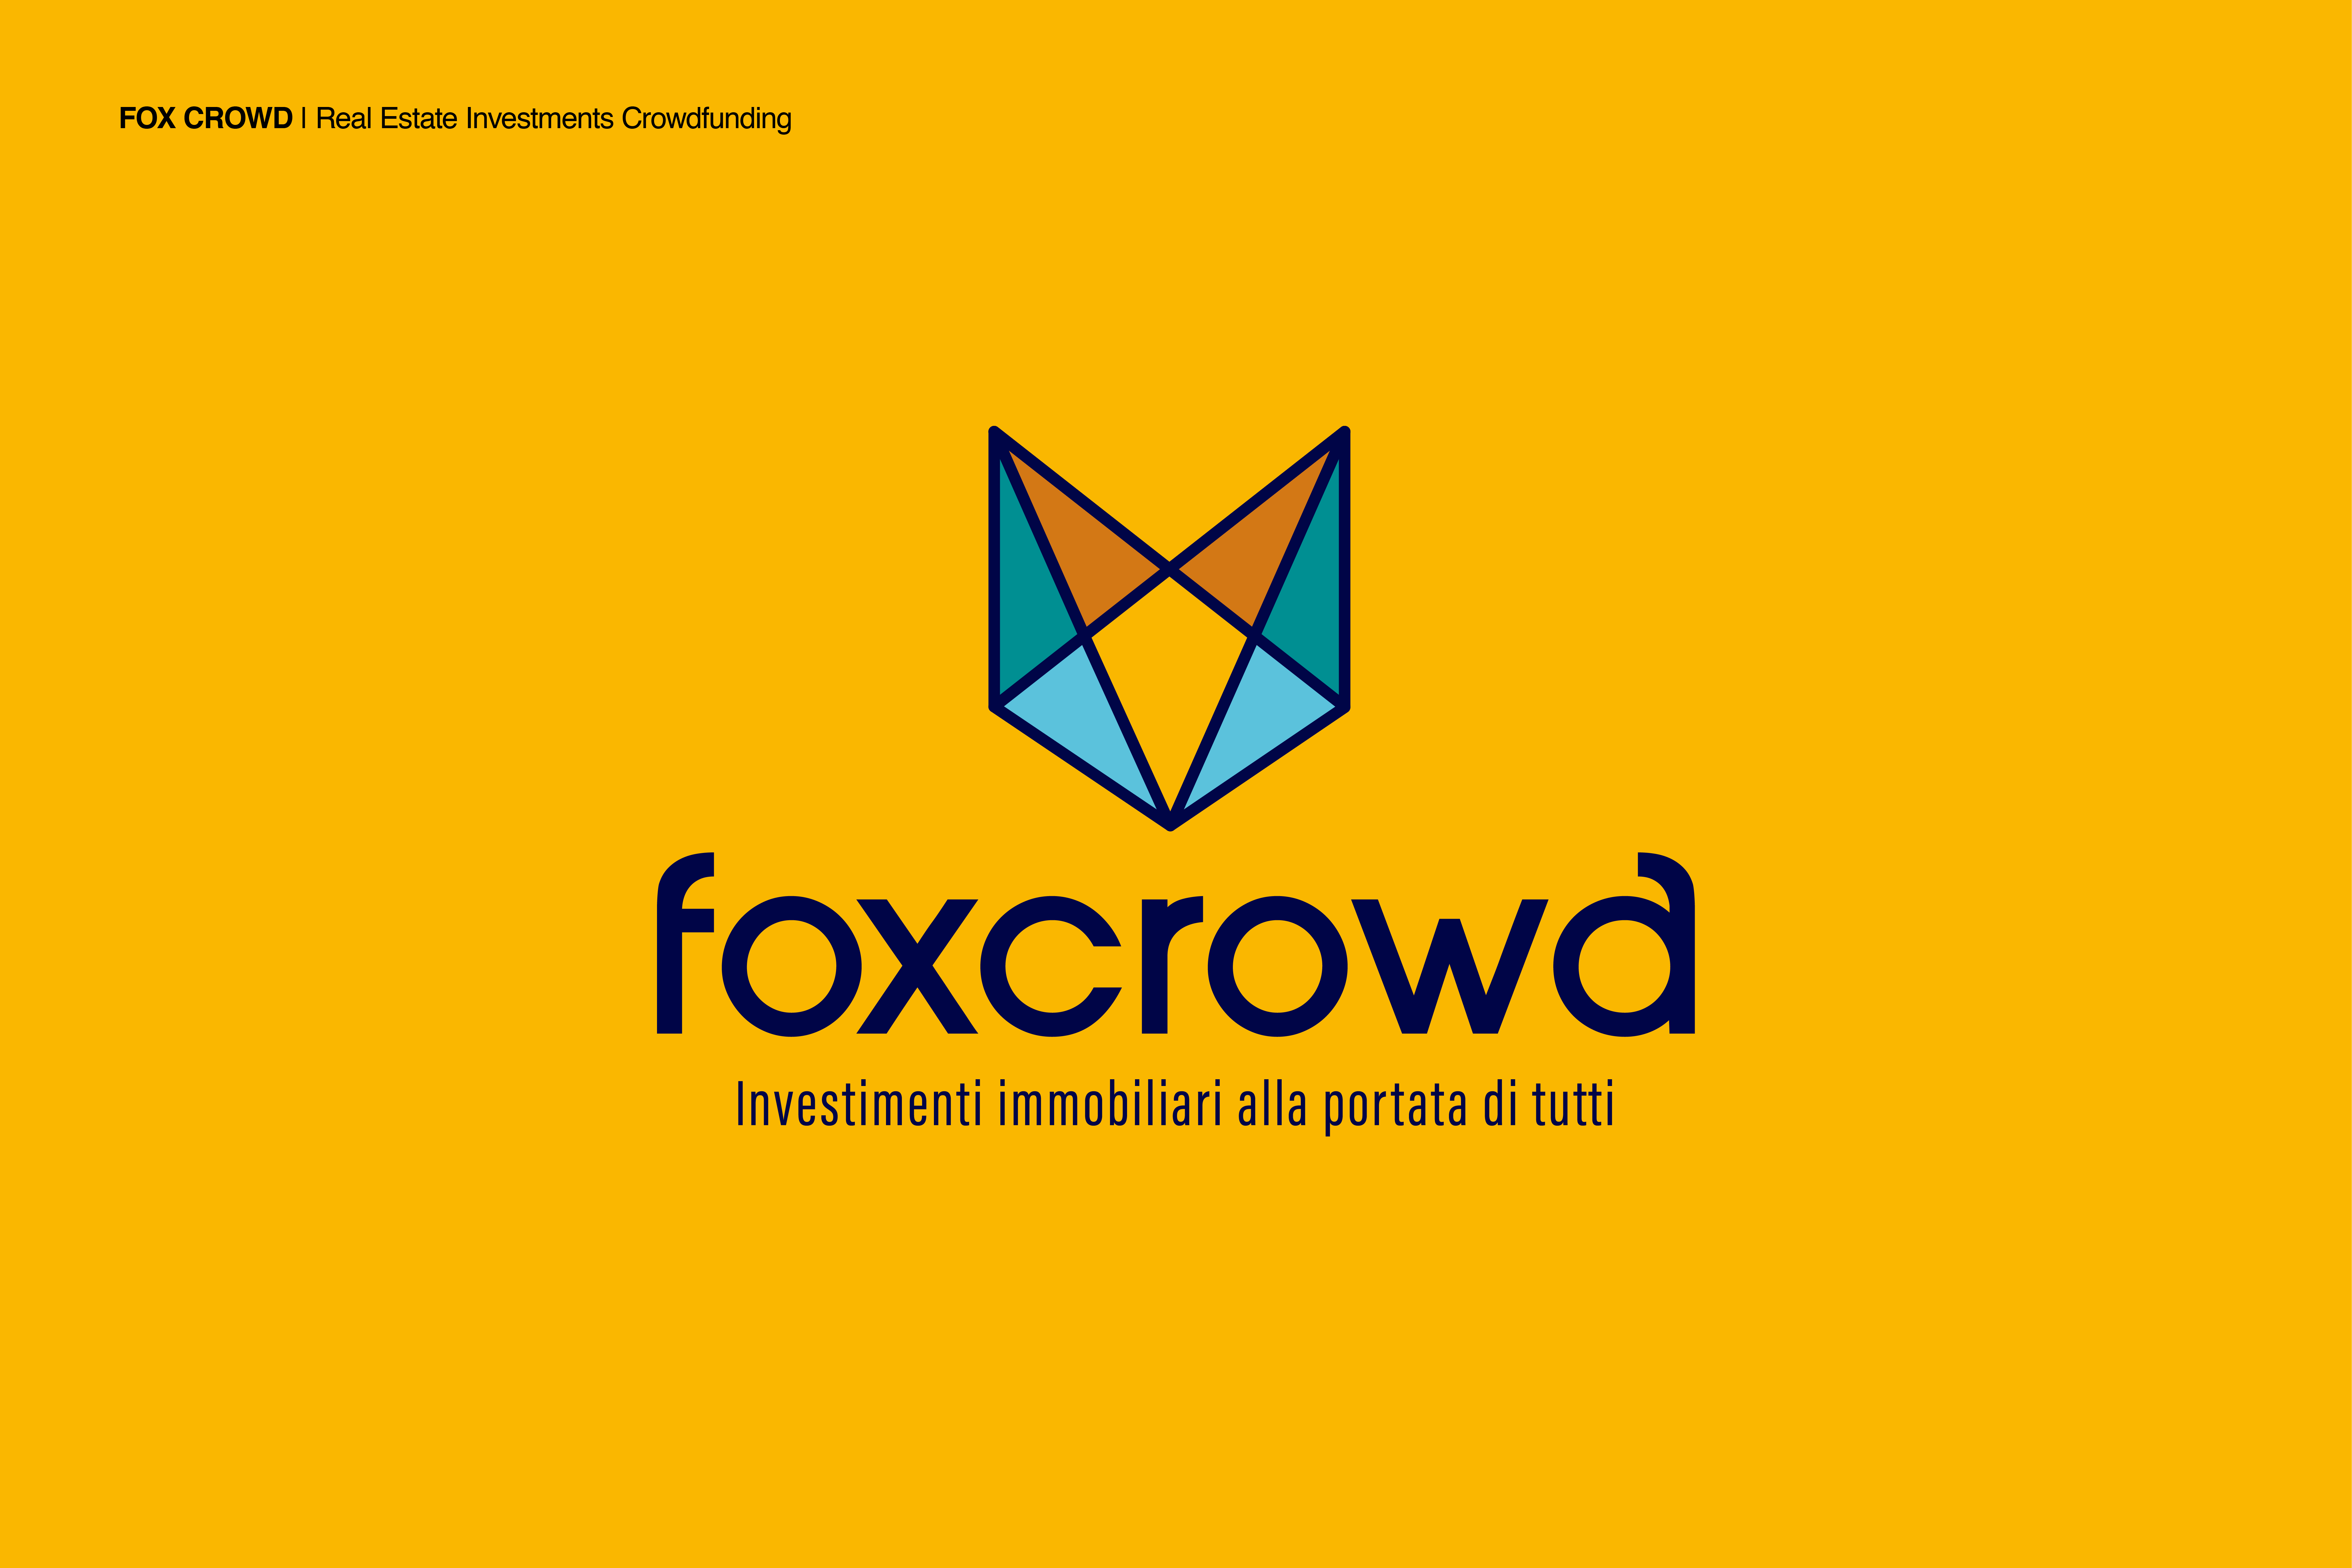 Logo FoxCrowd by Zerouno Design